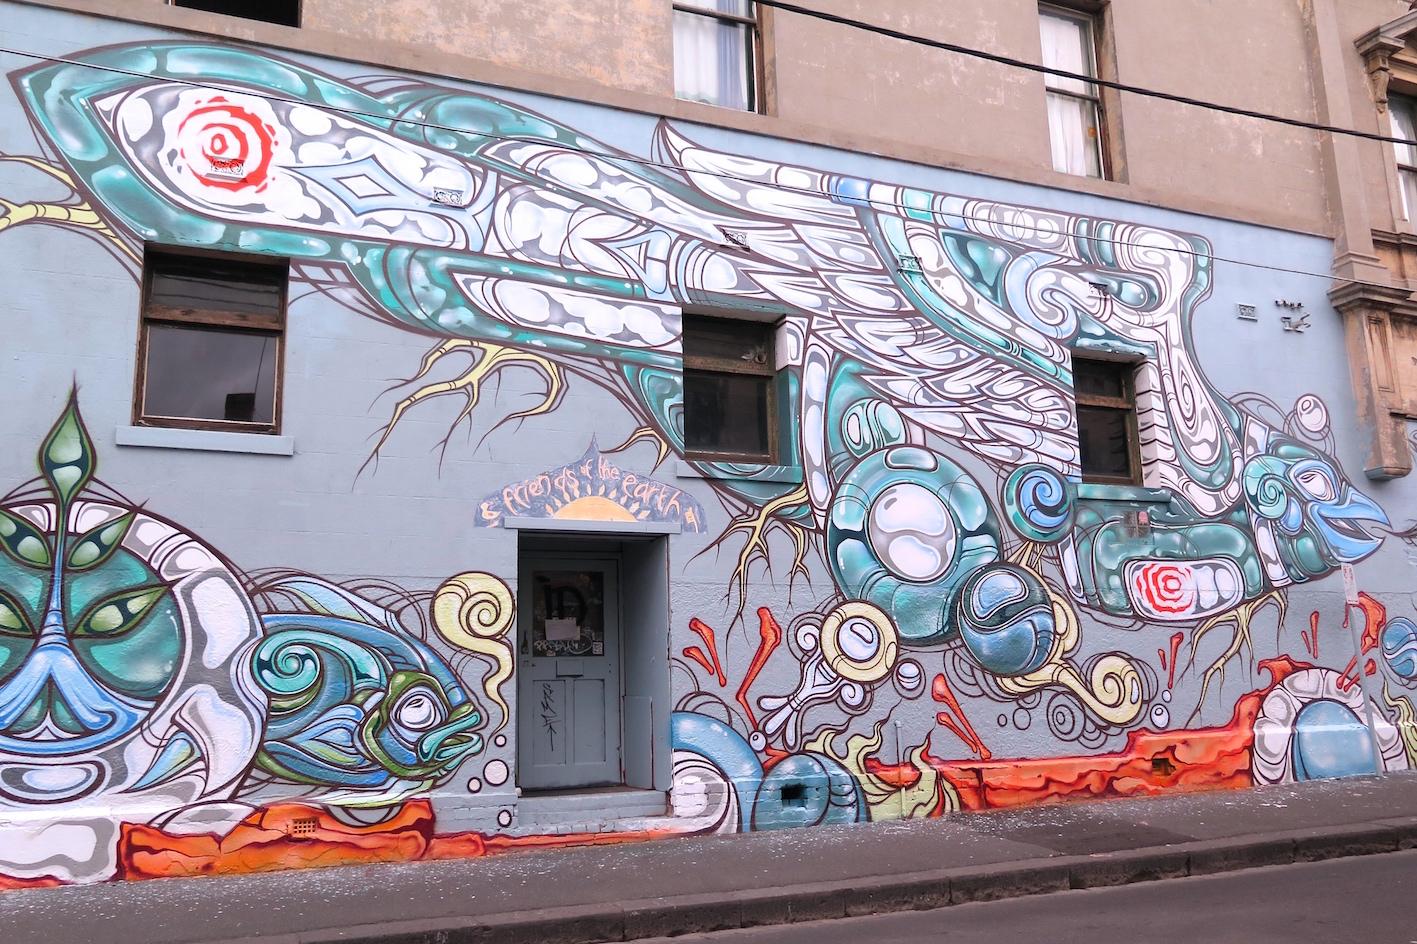 deansunshine_landofsunshine_melbourne_streetart_graffiti_phibs back in Melb 1